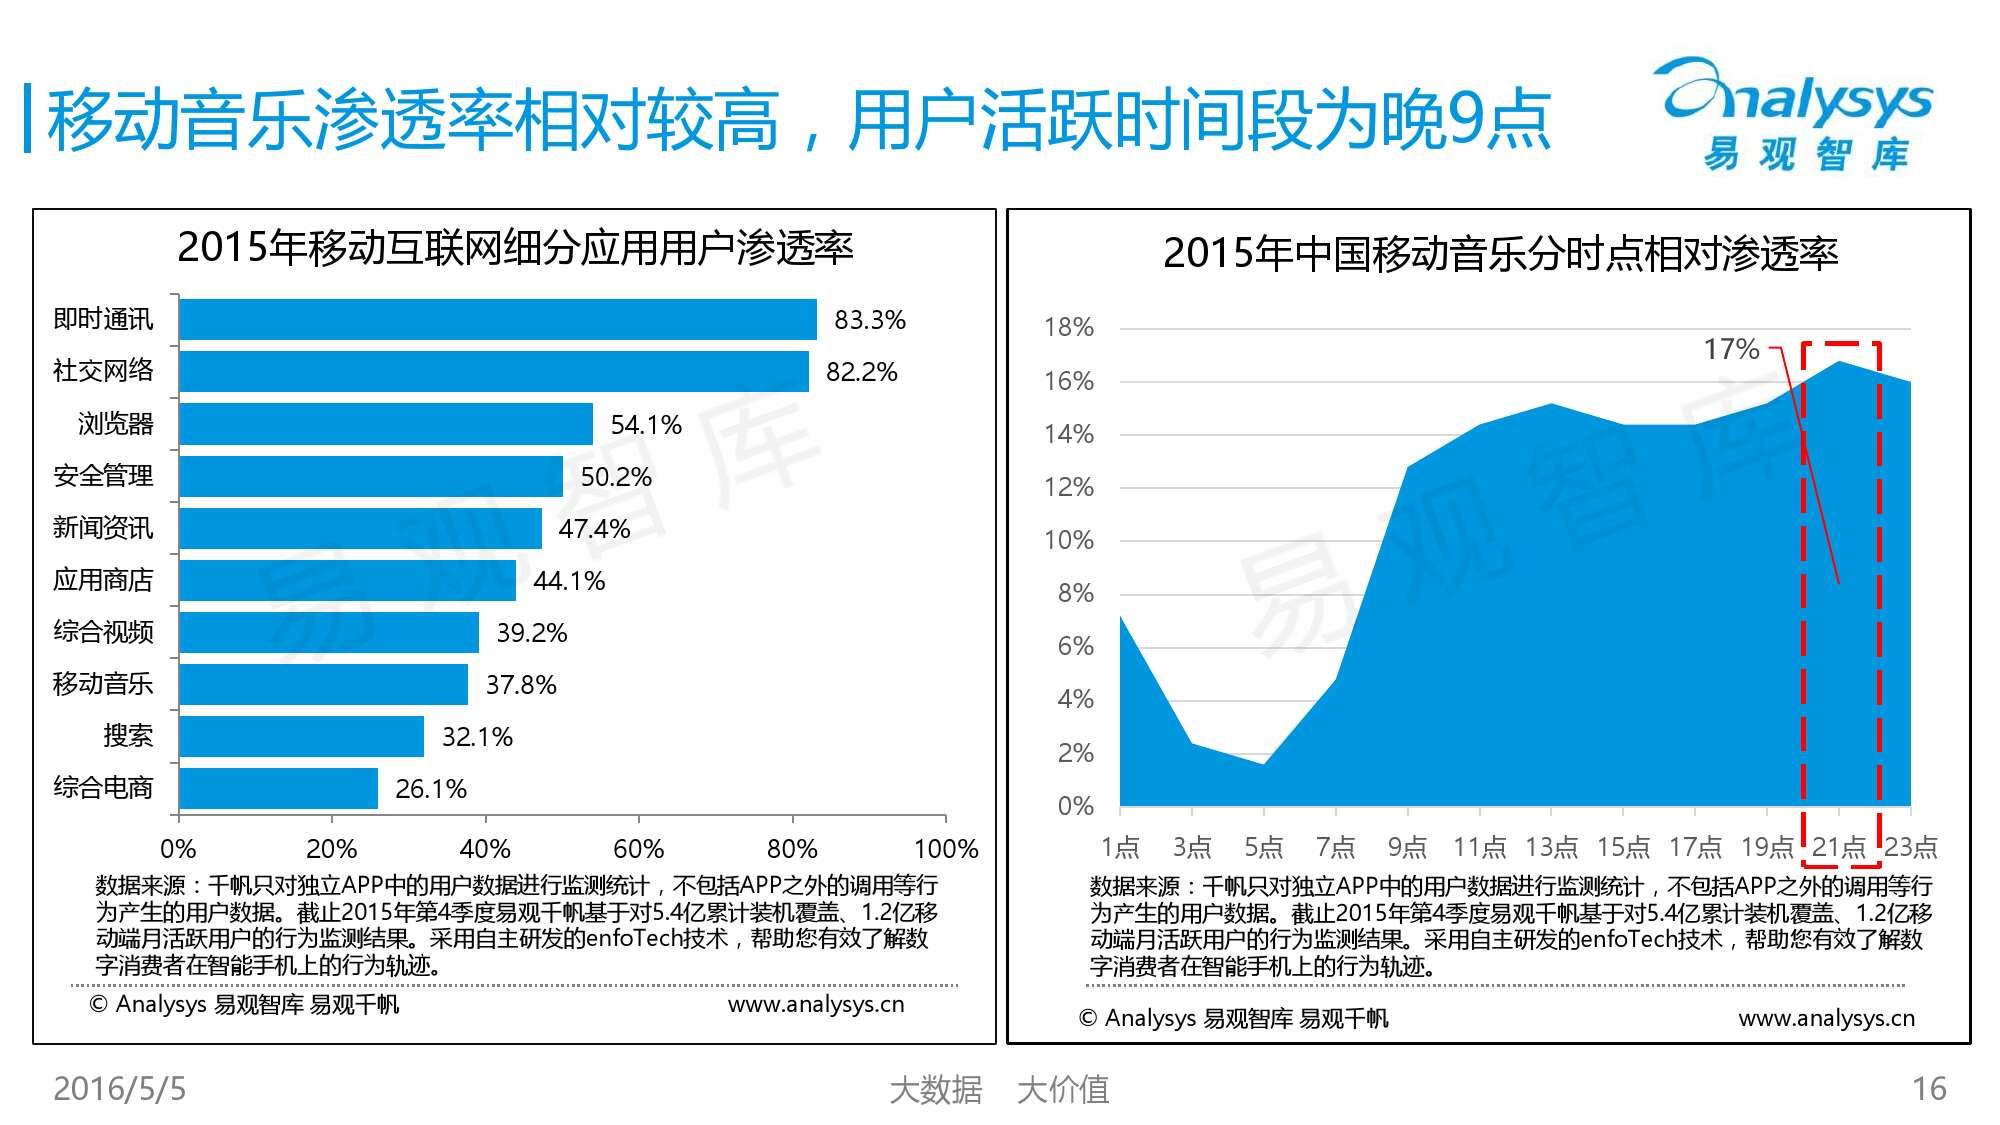 2016中国移动音乐市场年度综合报告_000016